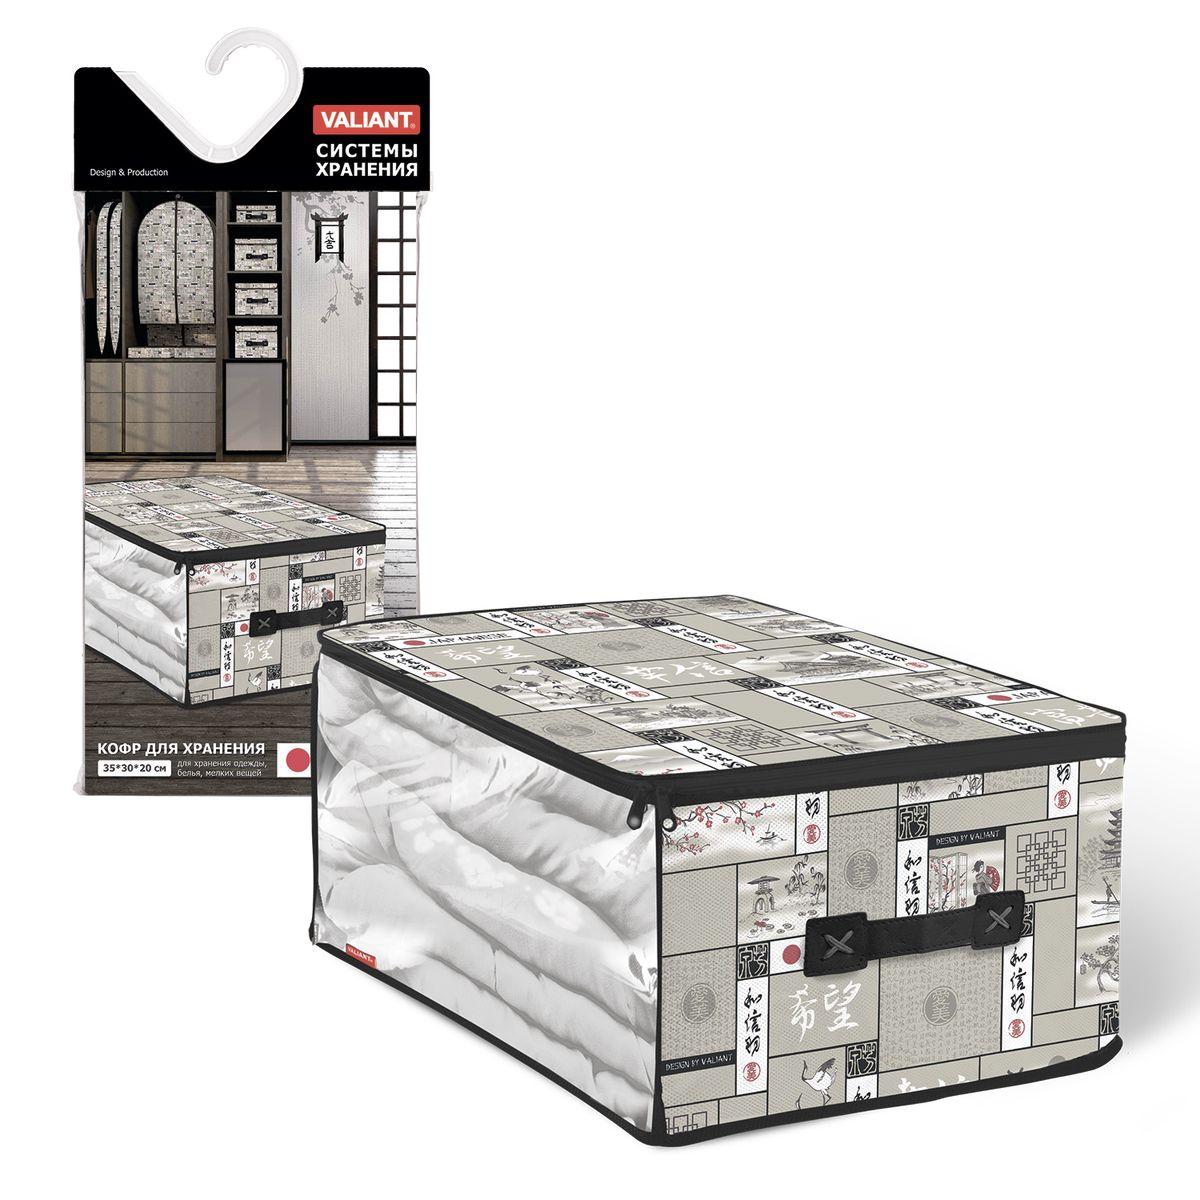 Кофр для хранения Valiant Japanese White, 35 х 30 х 20 см74-0120Вместительный кофр Valiant  Japanese White изготовлен из высококачественного прочного нетканого материала и предназначен для долговременного хранения вещей. Кофр закрывается крышкой на застежку-молнию. Одна из боковых сторон выполнена из прозрачного ПВХ, что позволяет видеть содержимое. Для удобства в обращении имеется ручка. Кофр защитит ваши вещи от повреждений, пыли, влаги и загрязнений во время хранения и транспортировки. Он пропускает воздух и отталкивает воду. Изделие гармонично смотрится в любом интерьере, привнося в него изысканность и дизайнерскую изюминку. Кофр - это новый взгляд на систему хранения - теперь хранить вещи не только удобно, но и красиво. Размер кофра: 35 х 30 х 20 см.